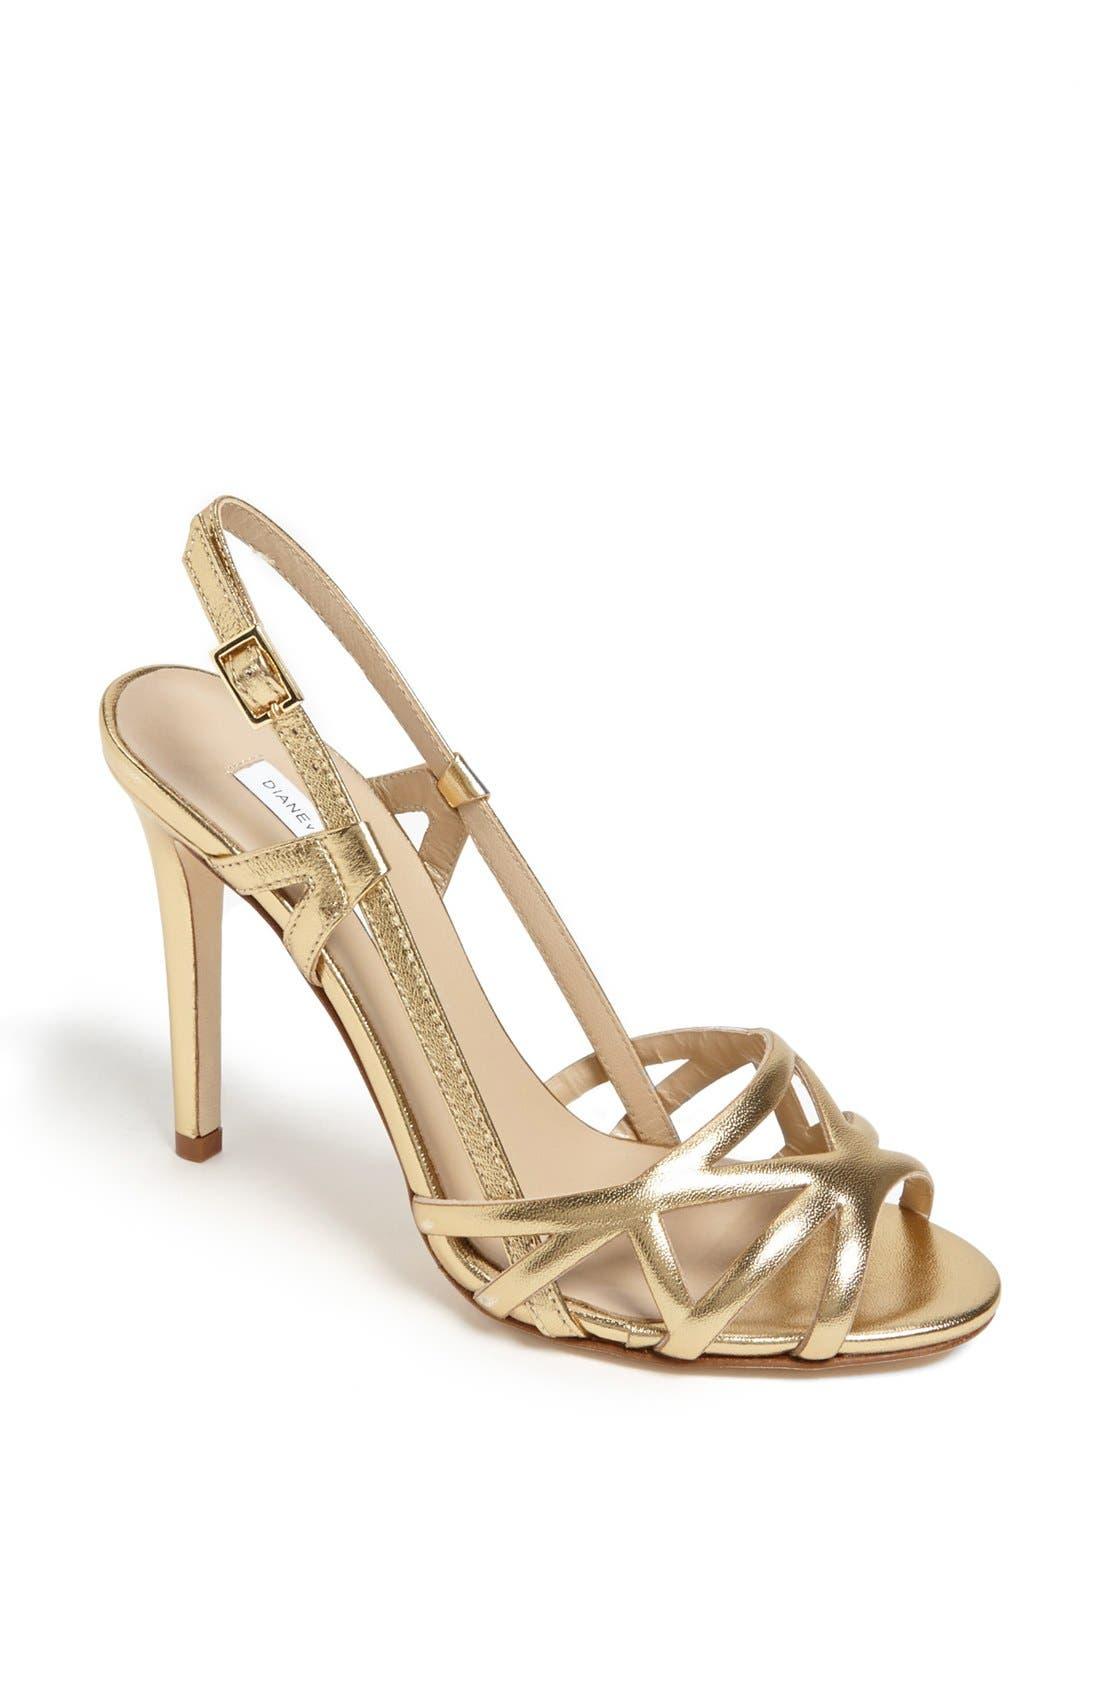 Main Image - Diane von Furstenberg 'Upton' Metallic Leather Sandal